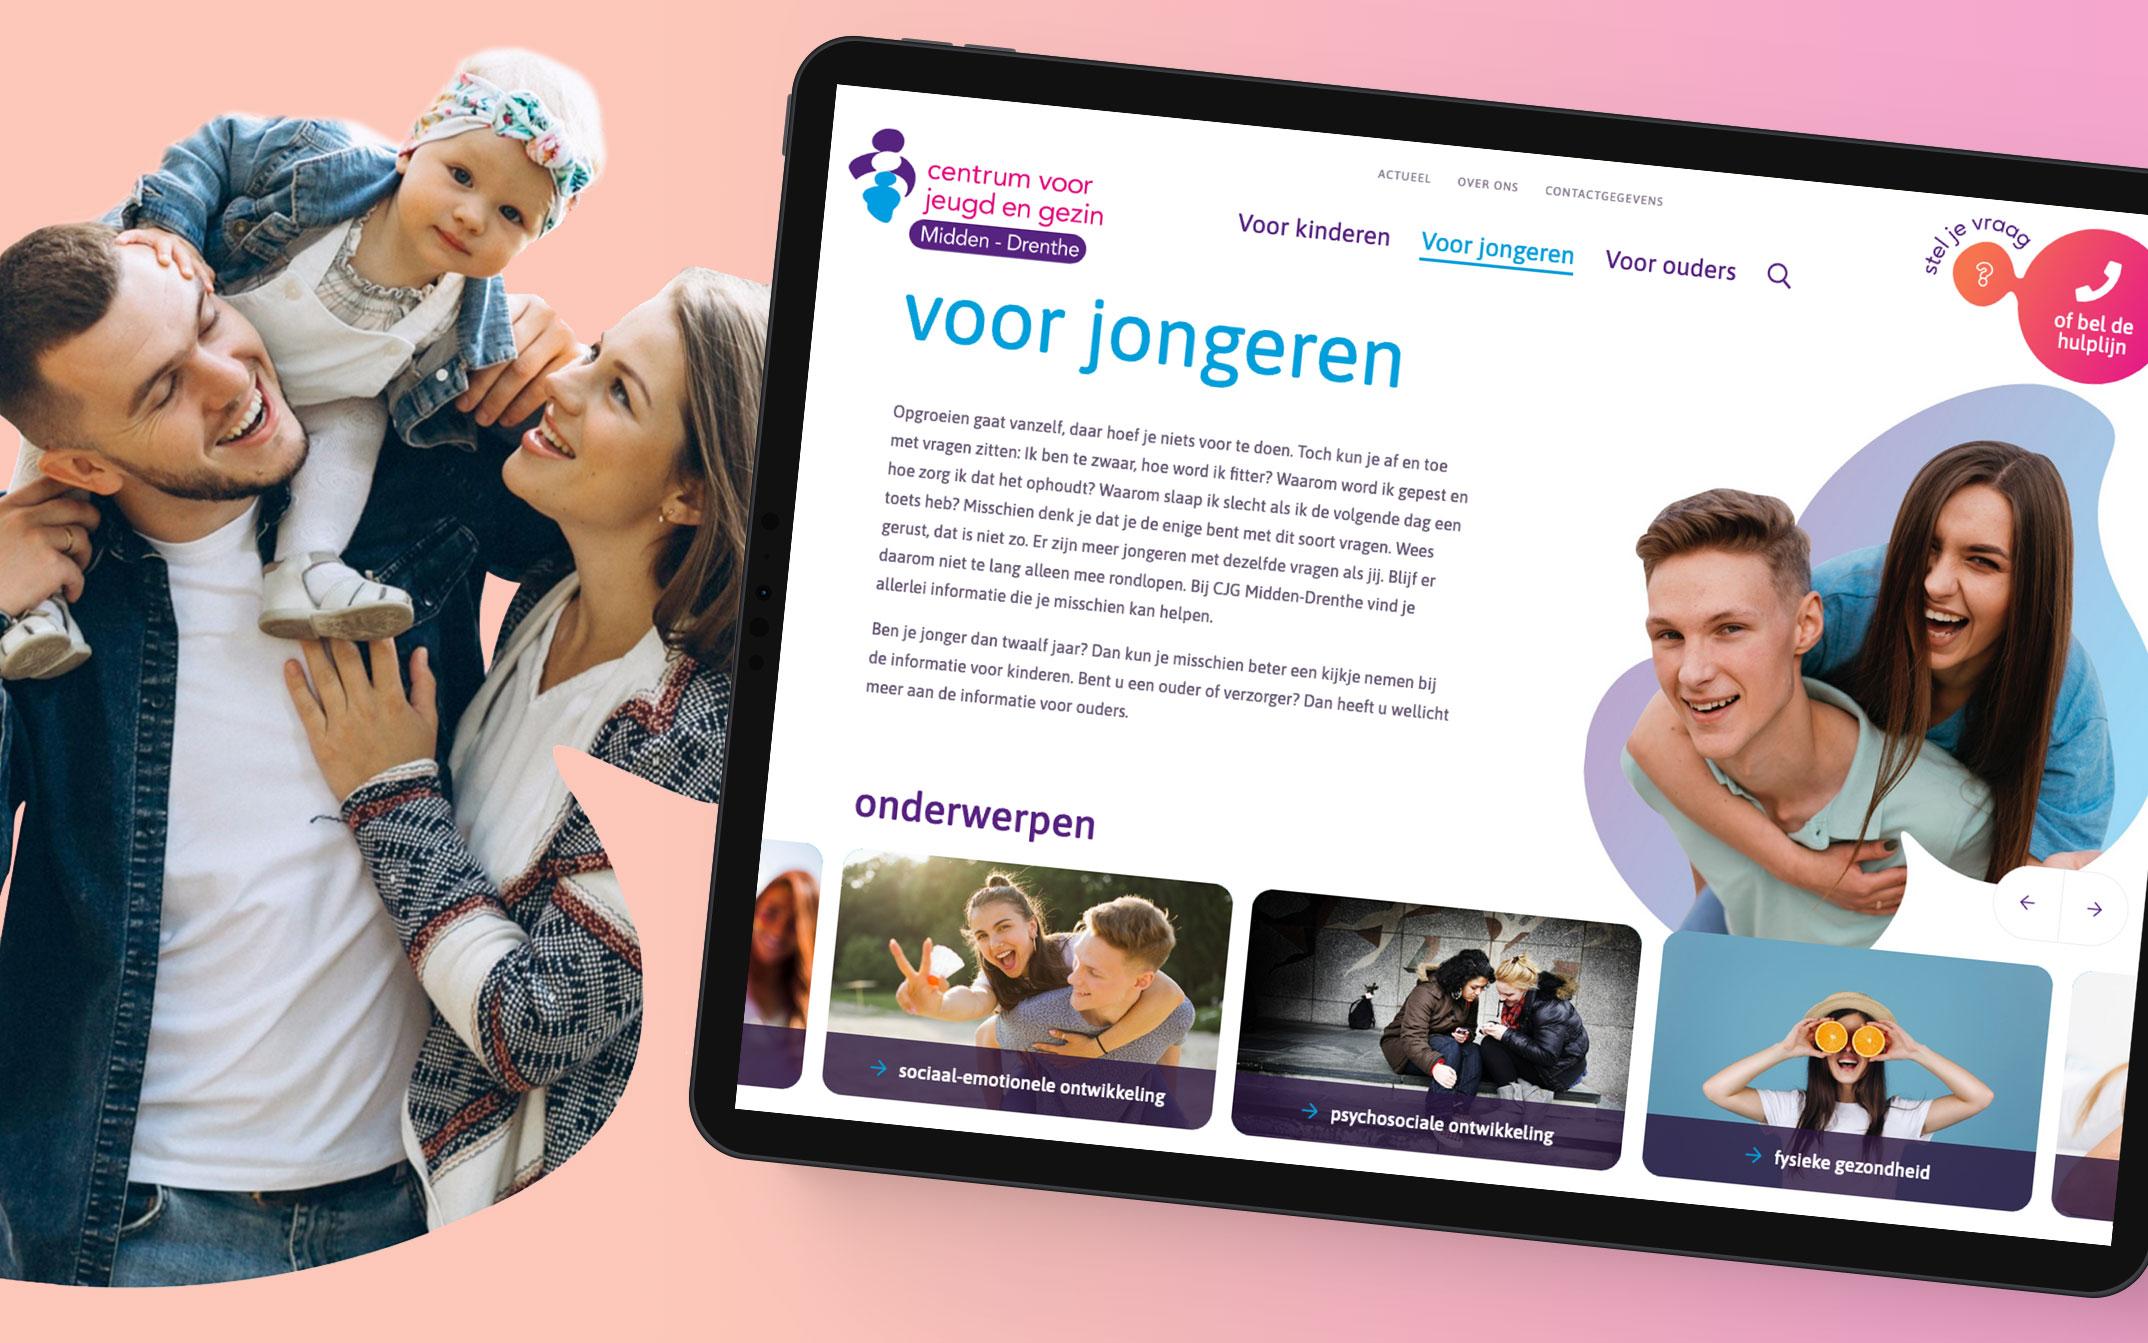 Centrum voor jeugd en gezin - Midden Drenthe